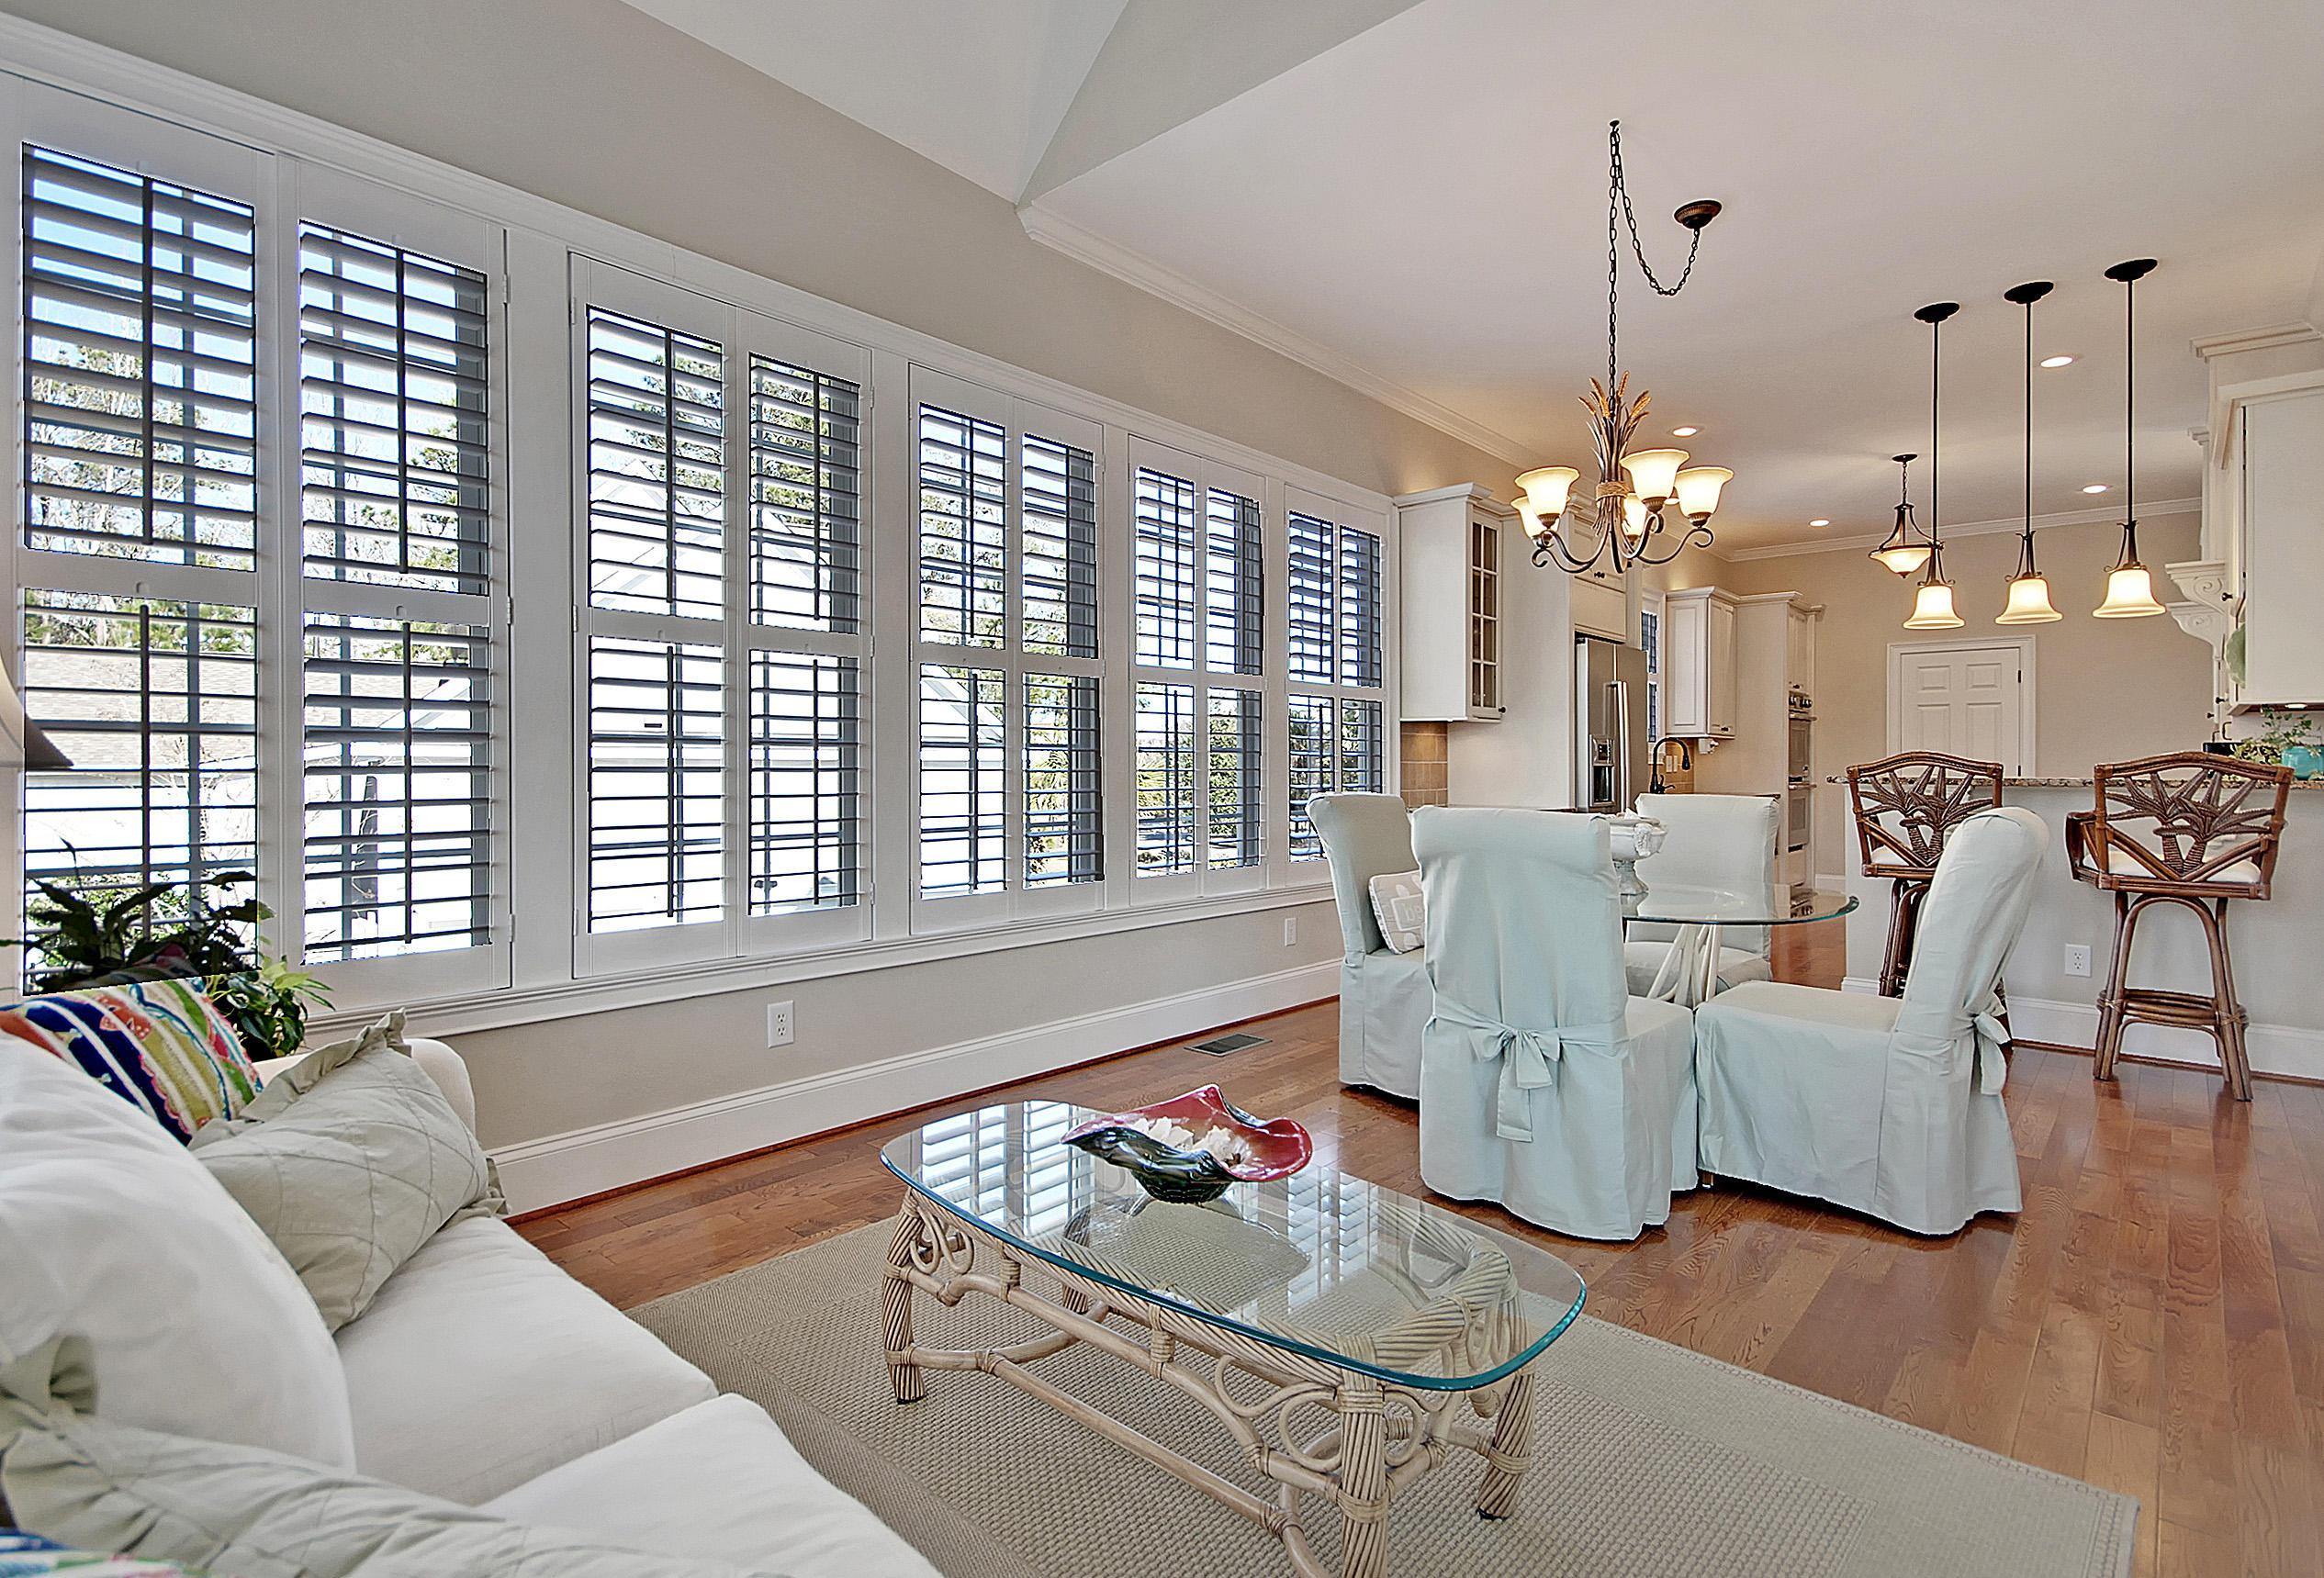 Dunes West Homes For Sale - 2721 Fountainhead, Mount Pleasant, SC - 15